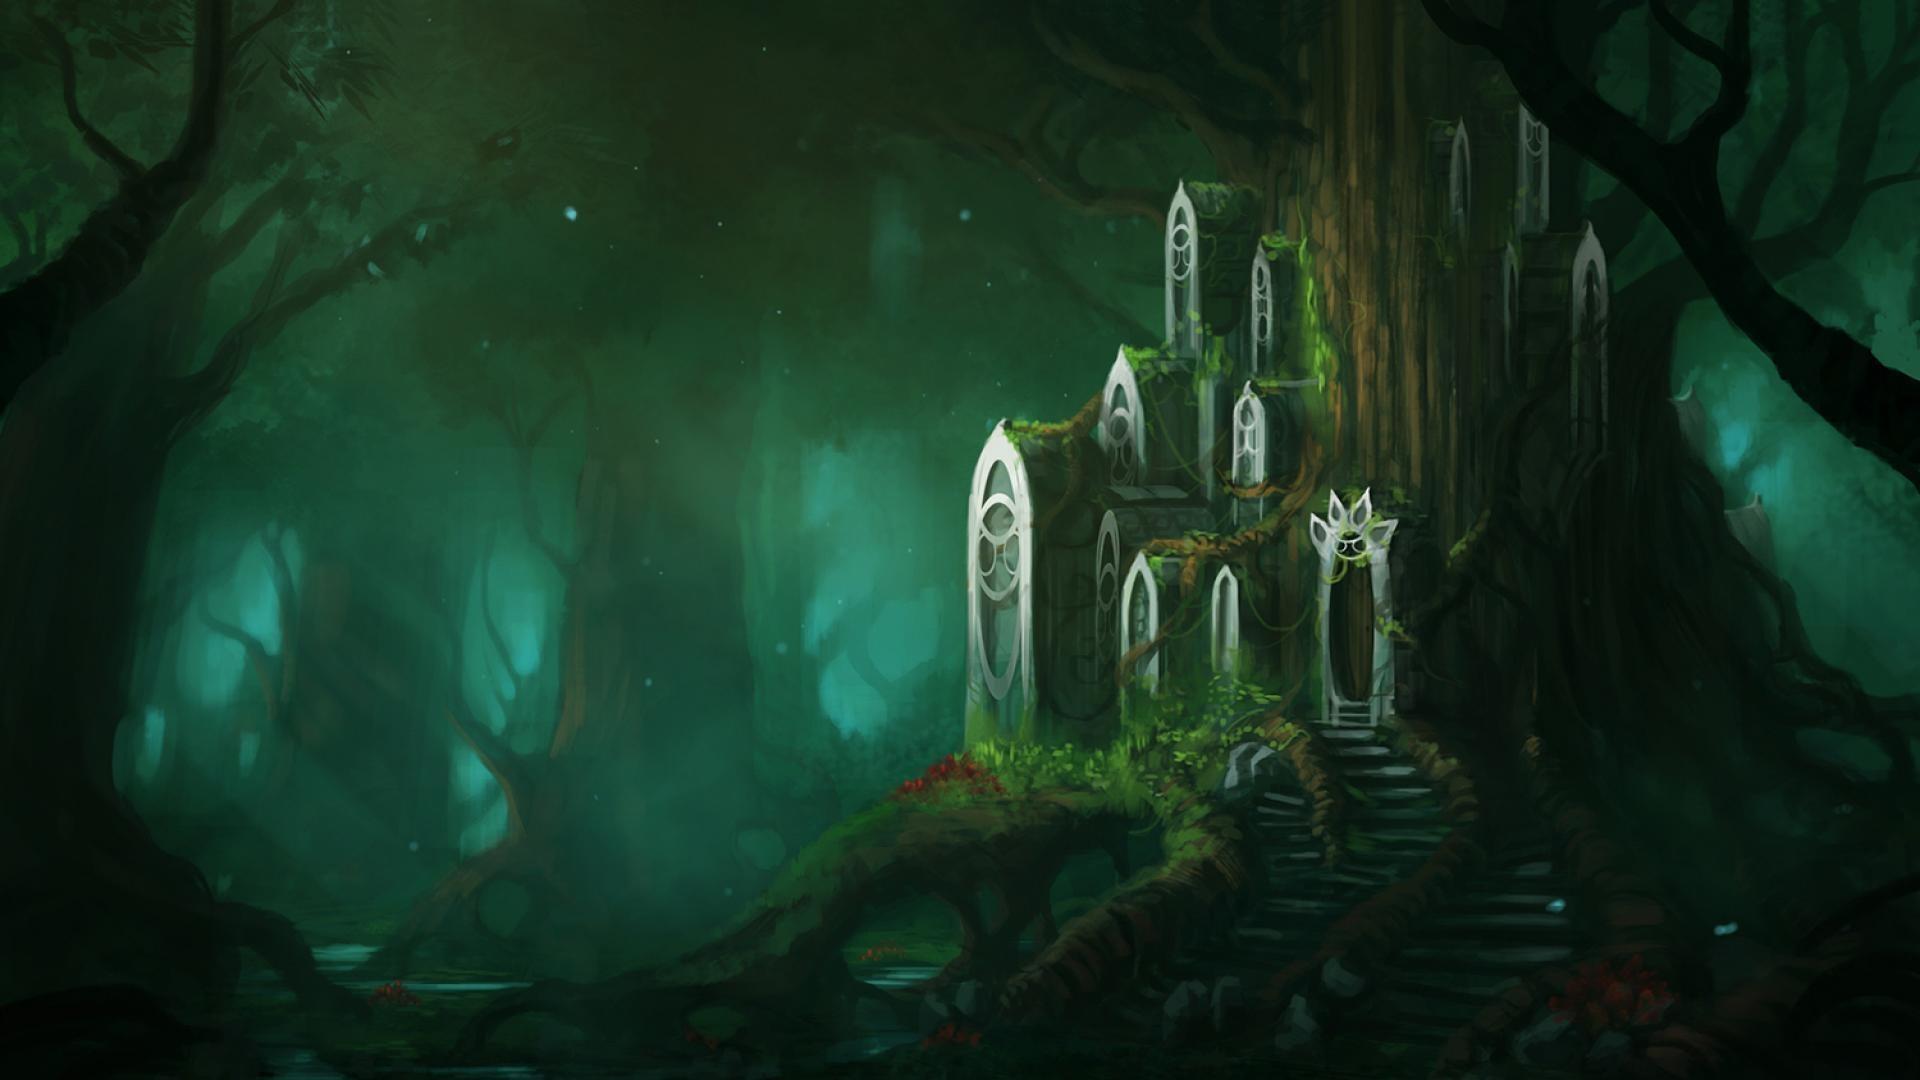 лес темный графика фэнтези подборки